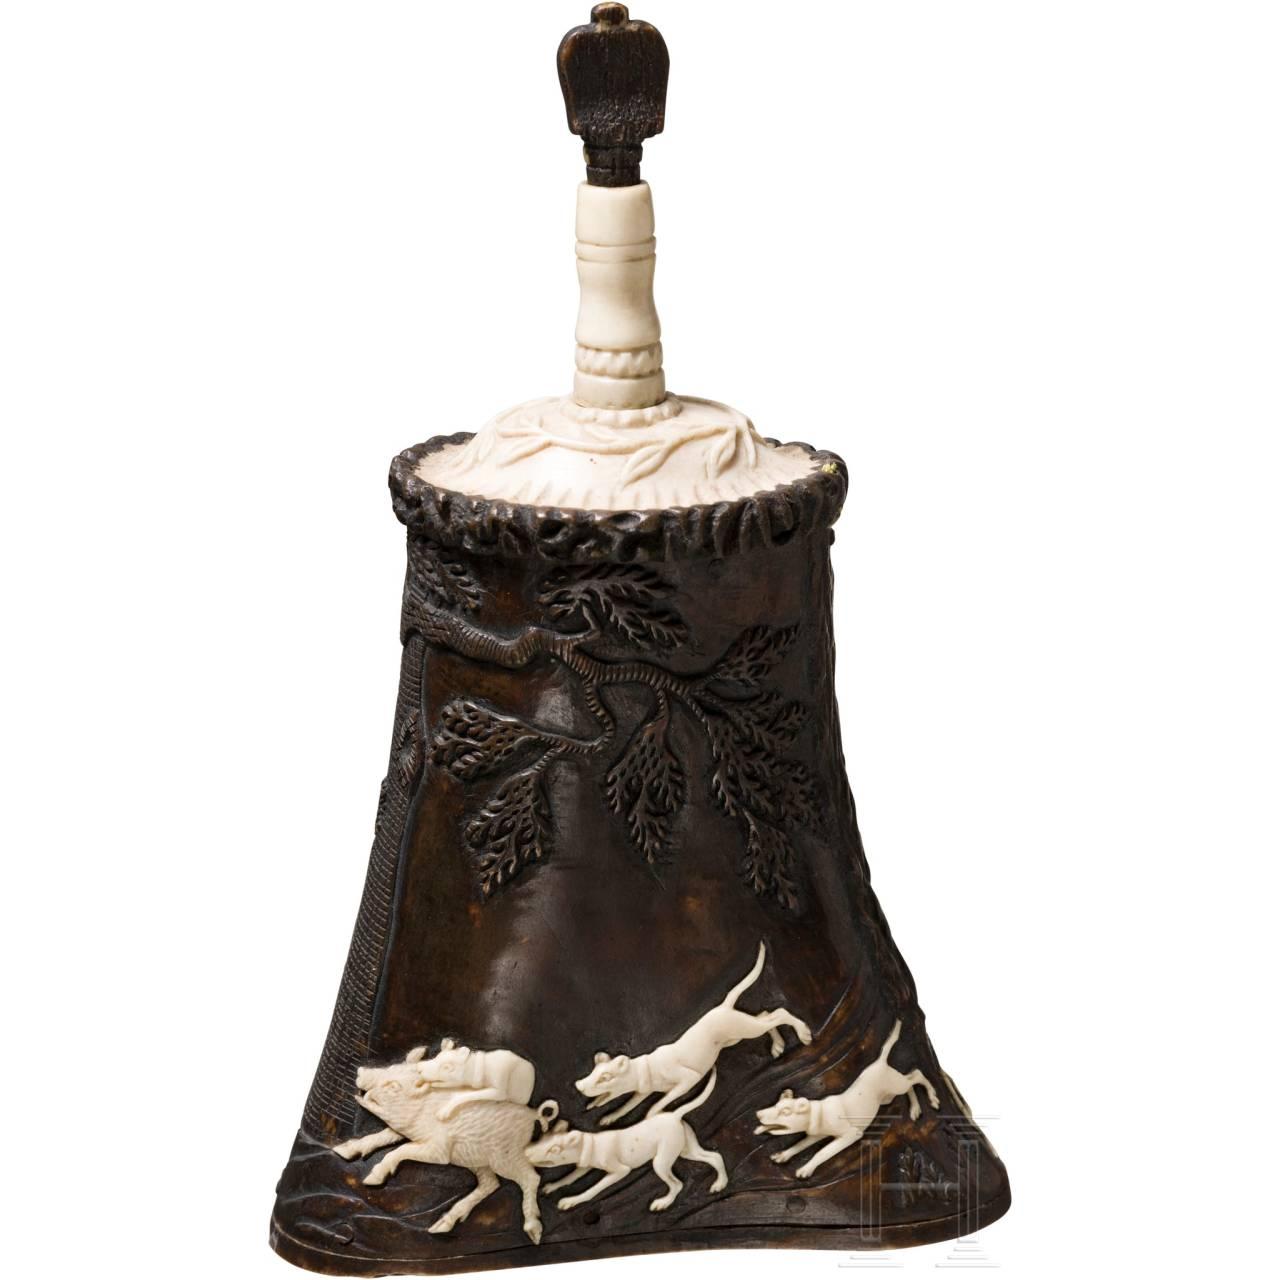 A German hunter's powder flask made of deerhorn, Lebrecht Schulz, Meiningen, circa 1820/30